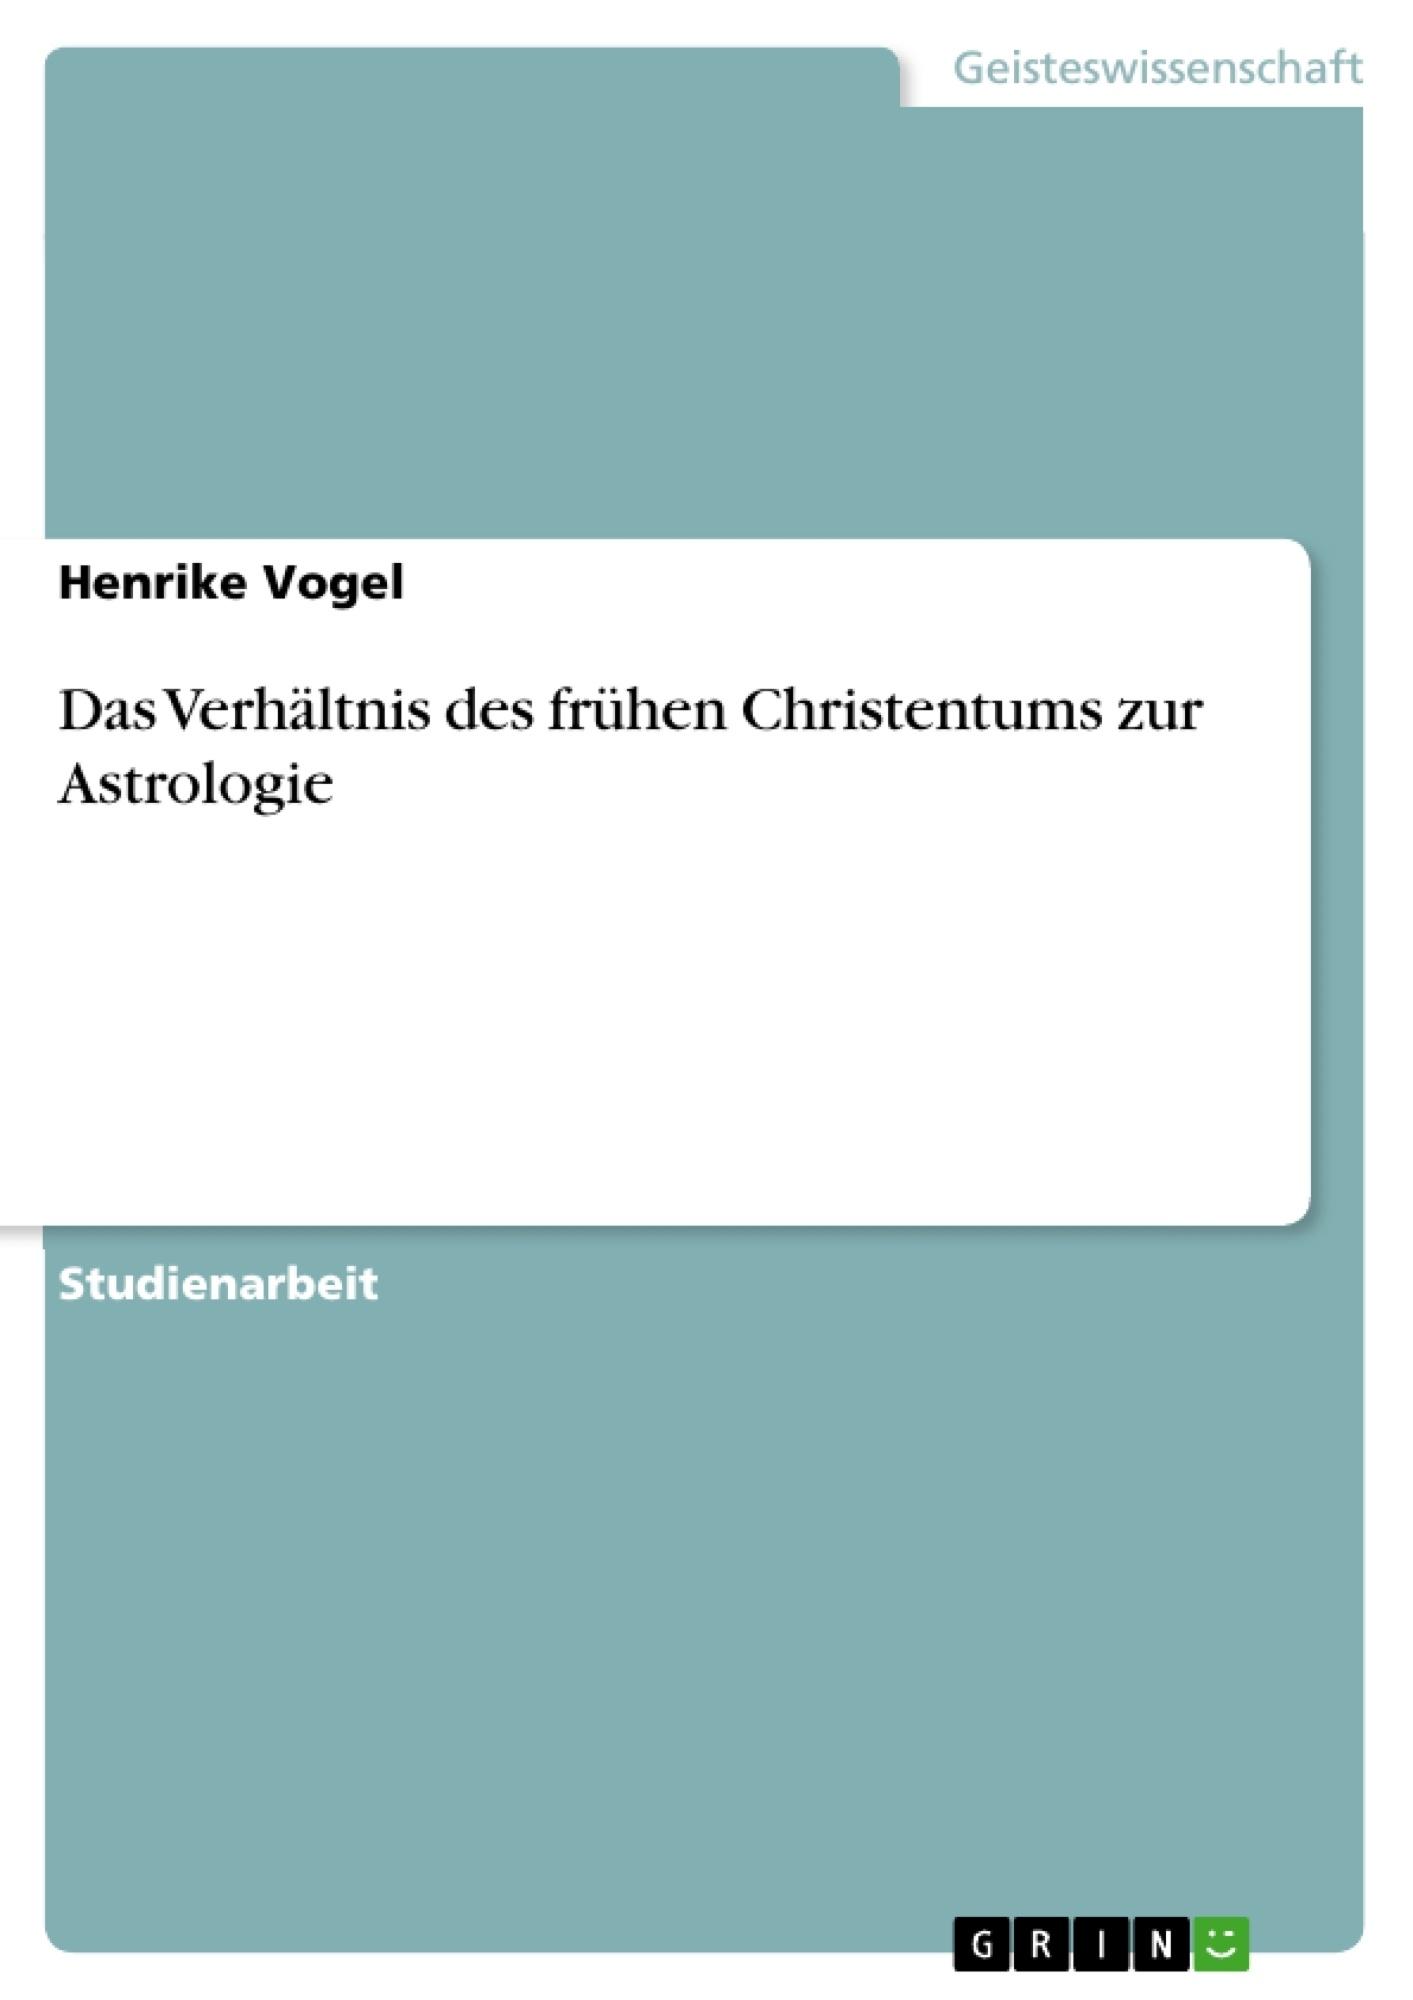 Titel: Das Verhältnis des frühen Christentums zur Astrologie